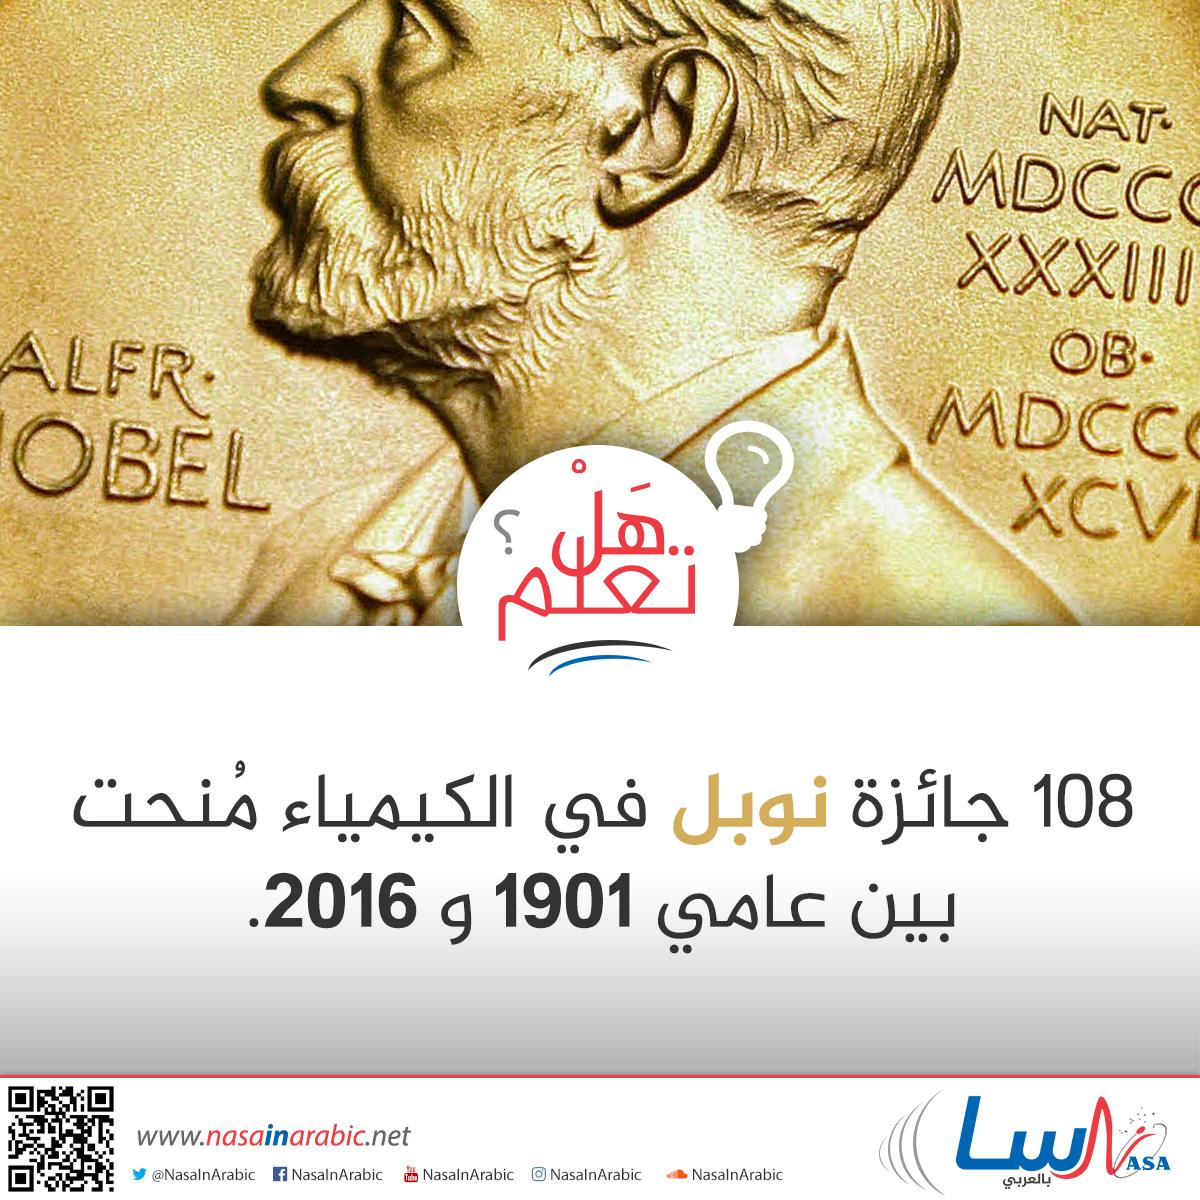 جائزة نوبل في الكيمياء بين 1901 و2016.